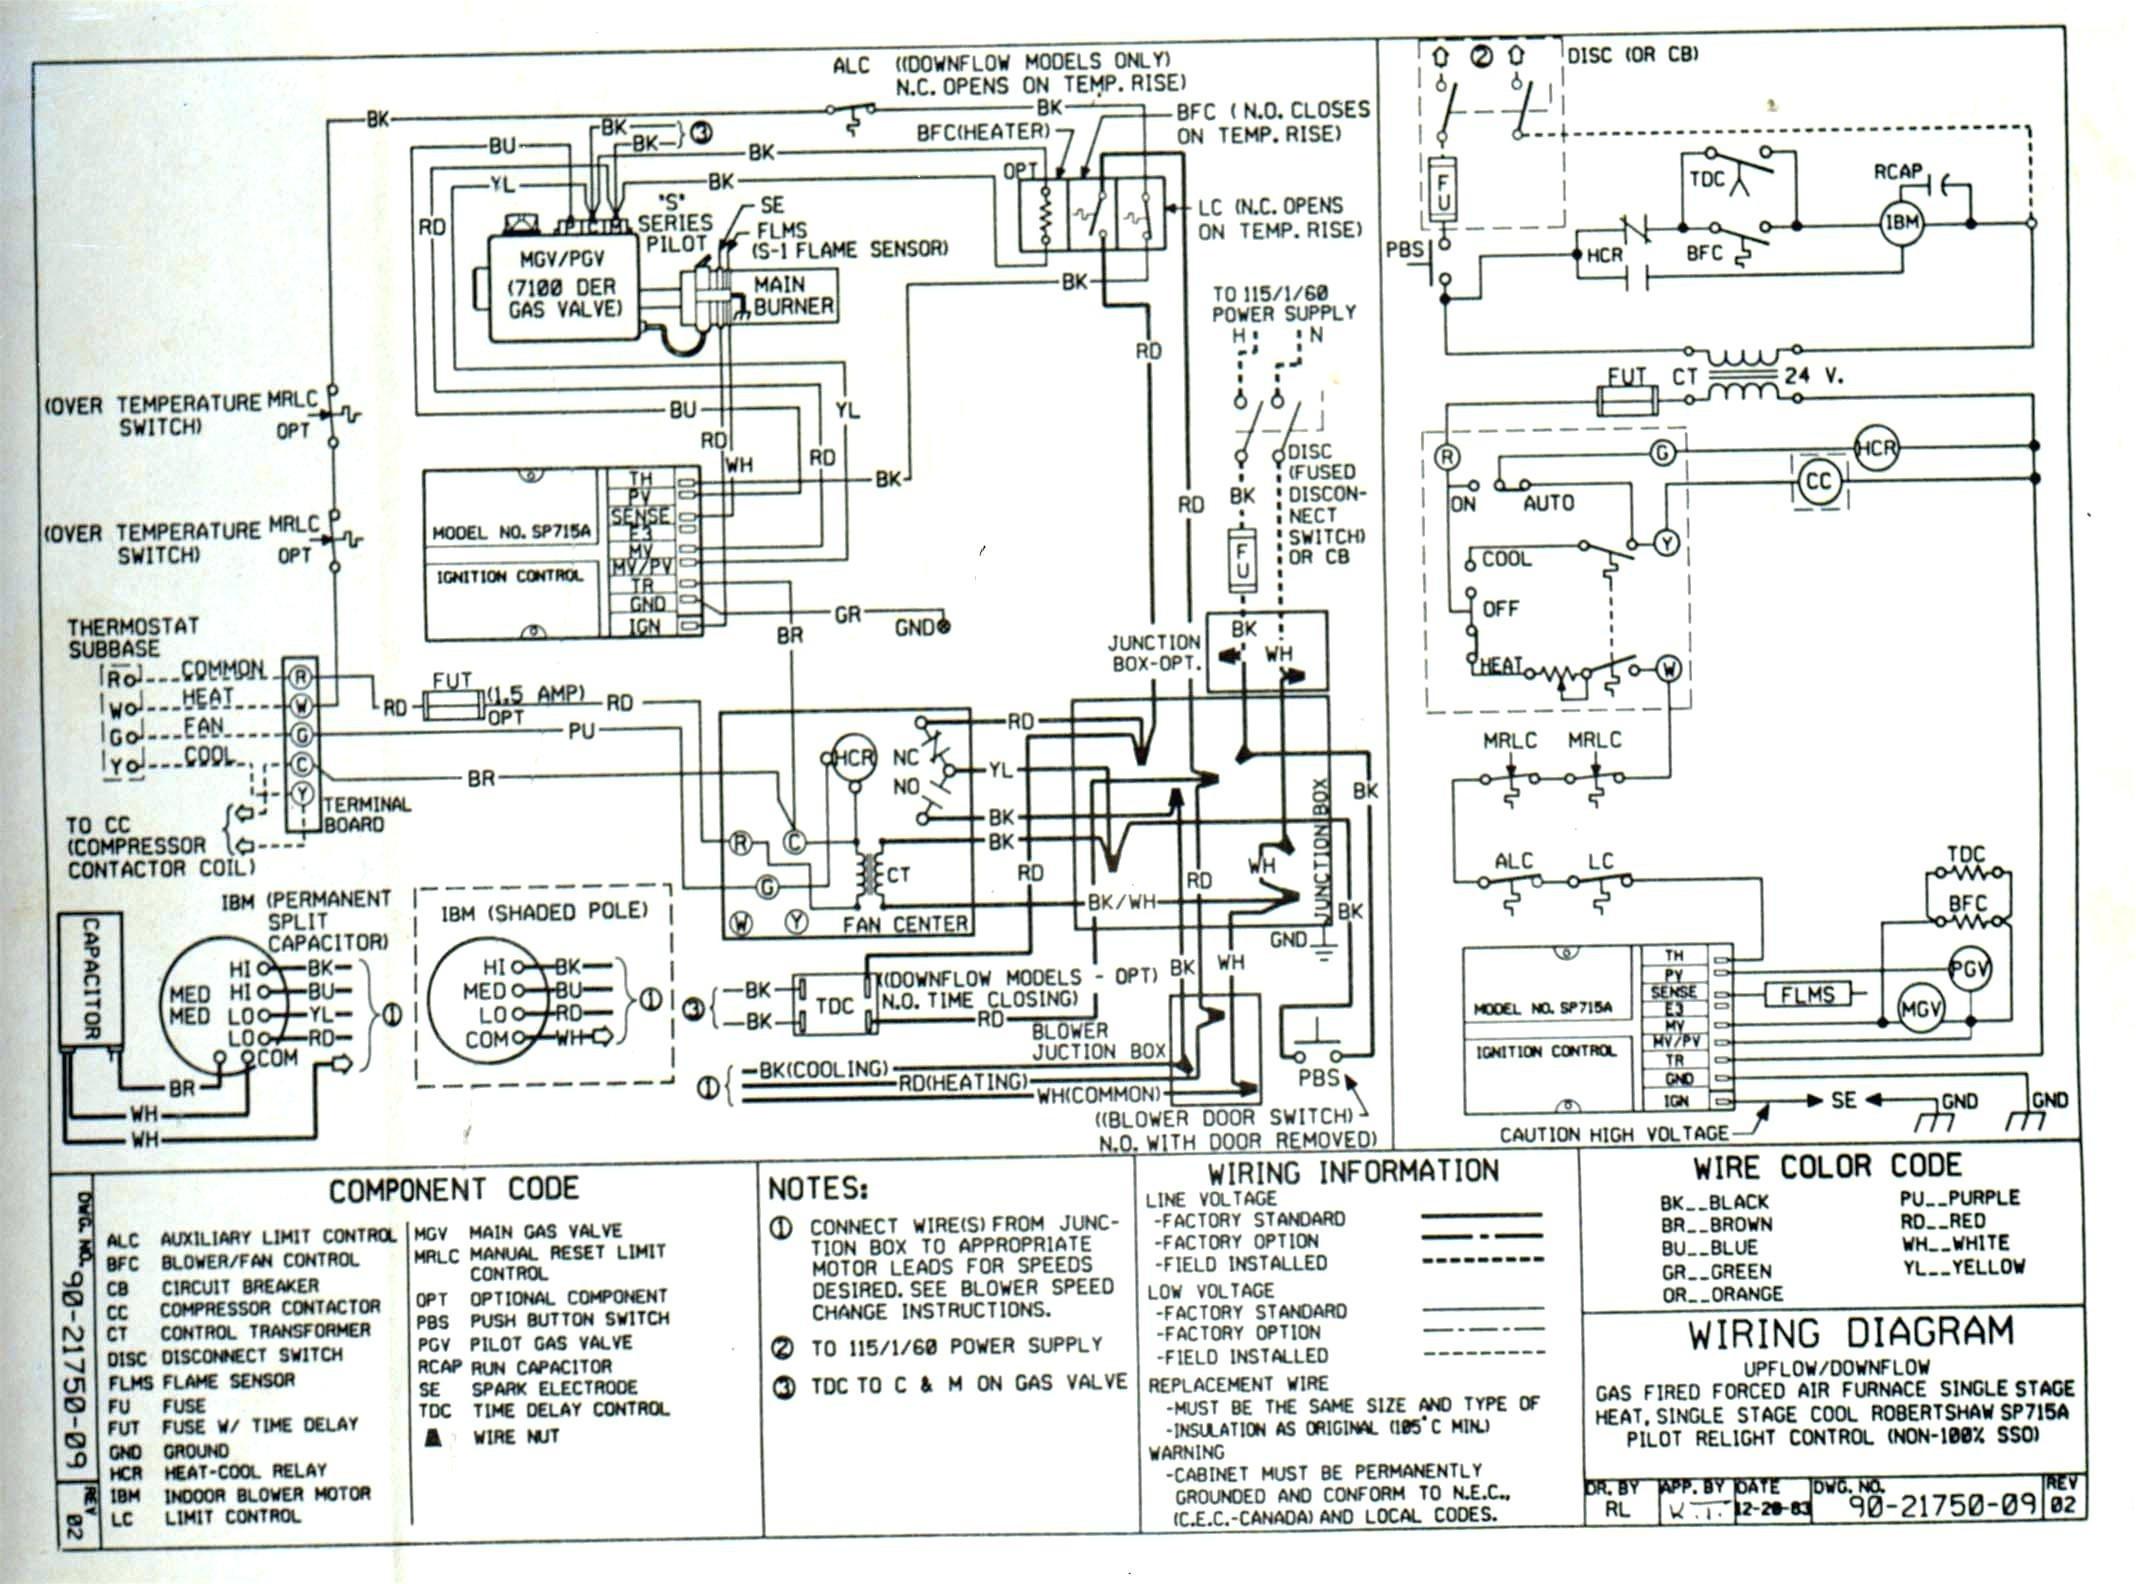 Trane Condenser Wiring Diagram